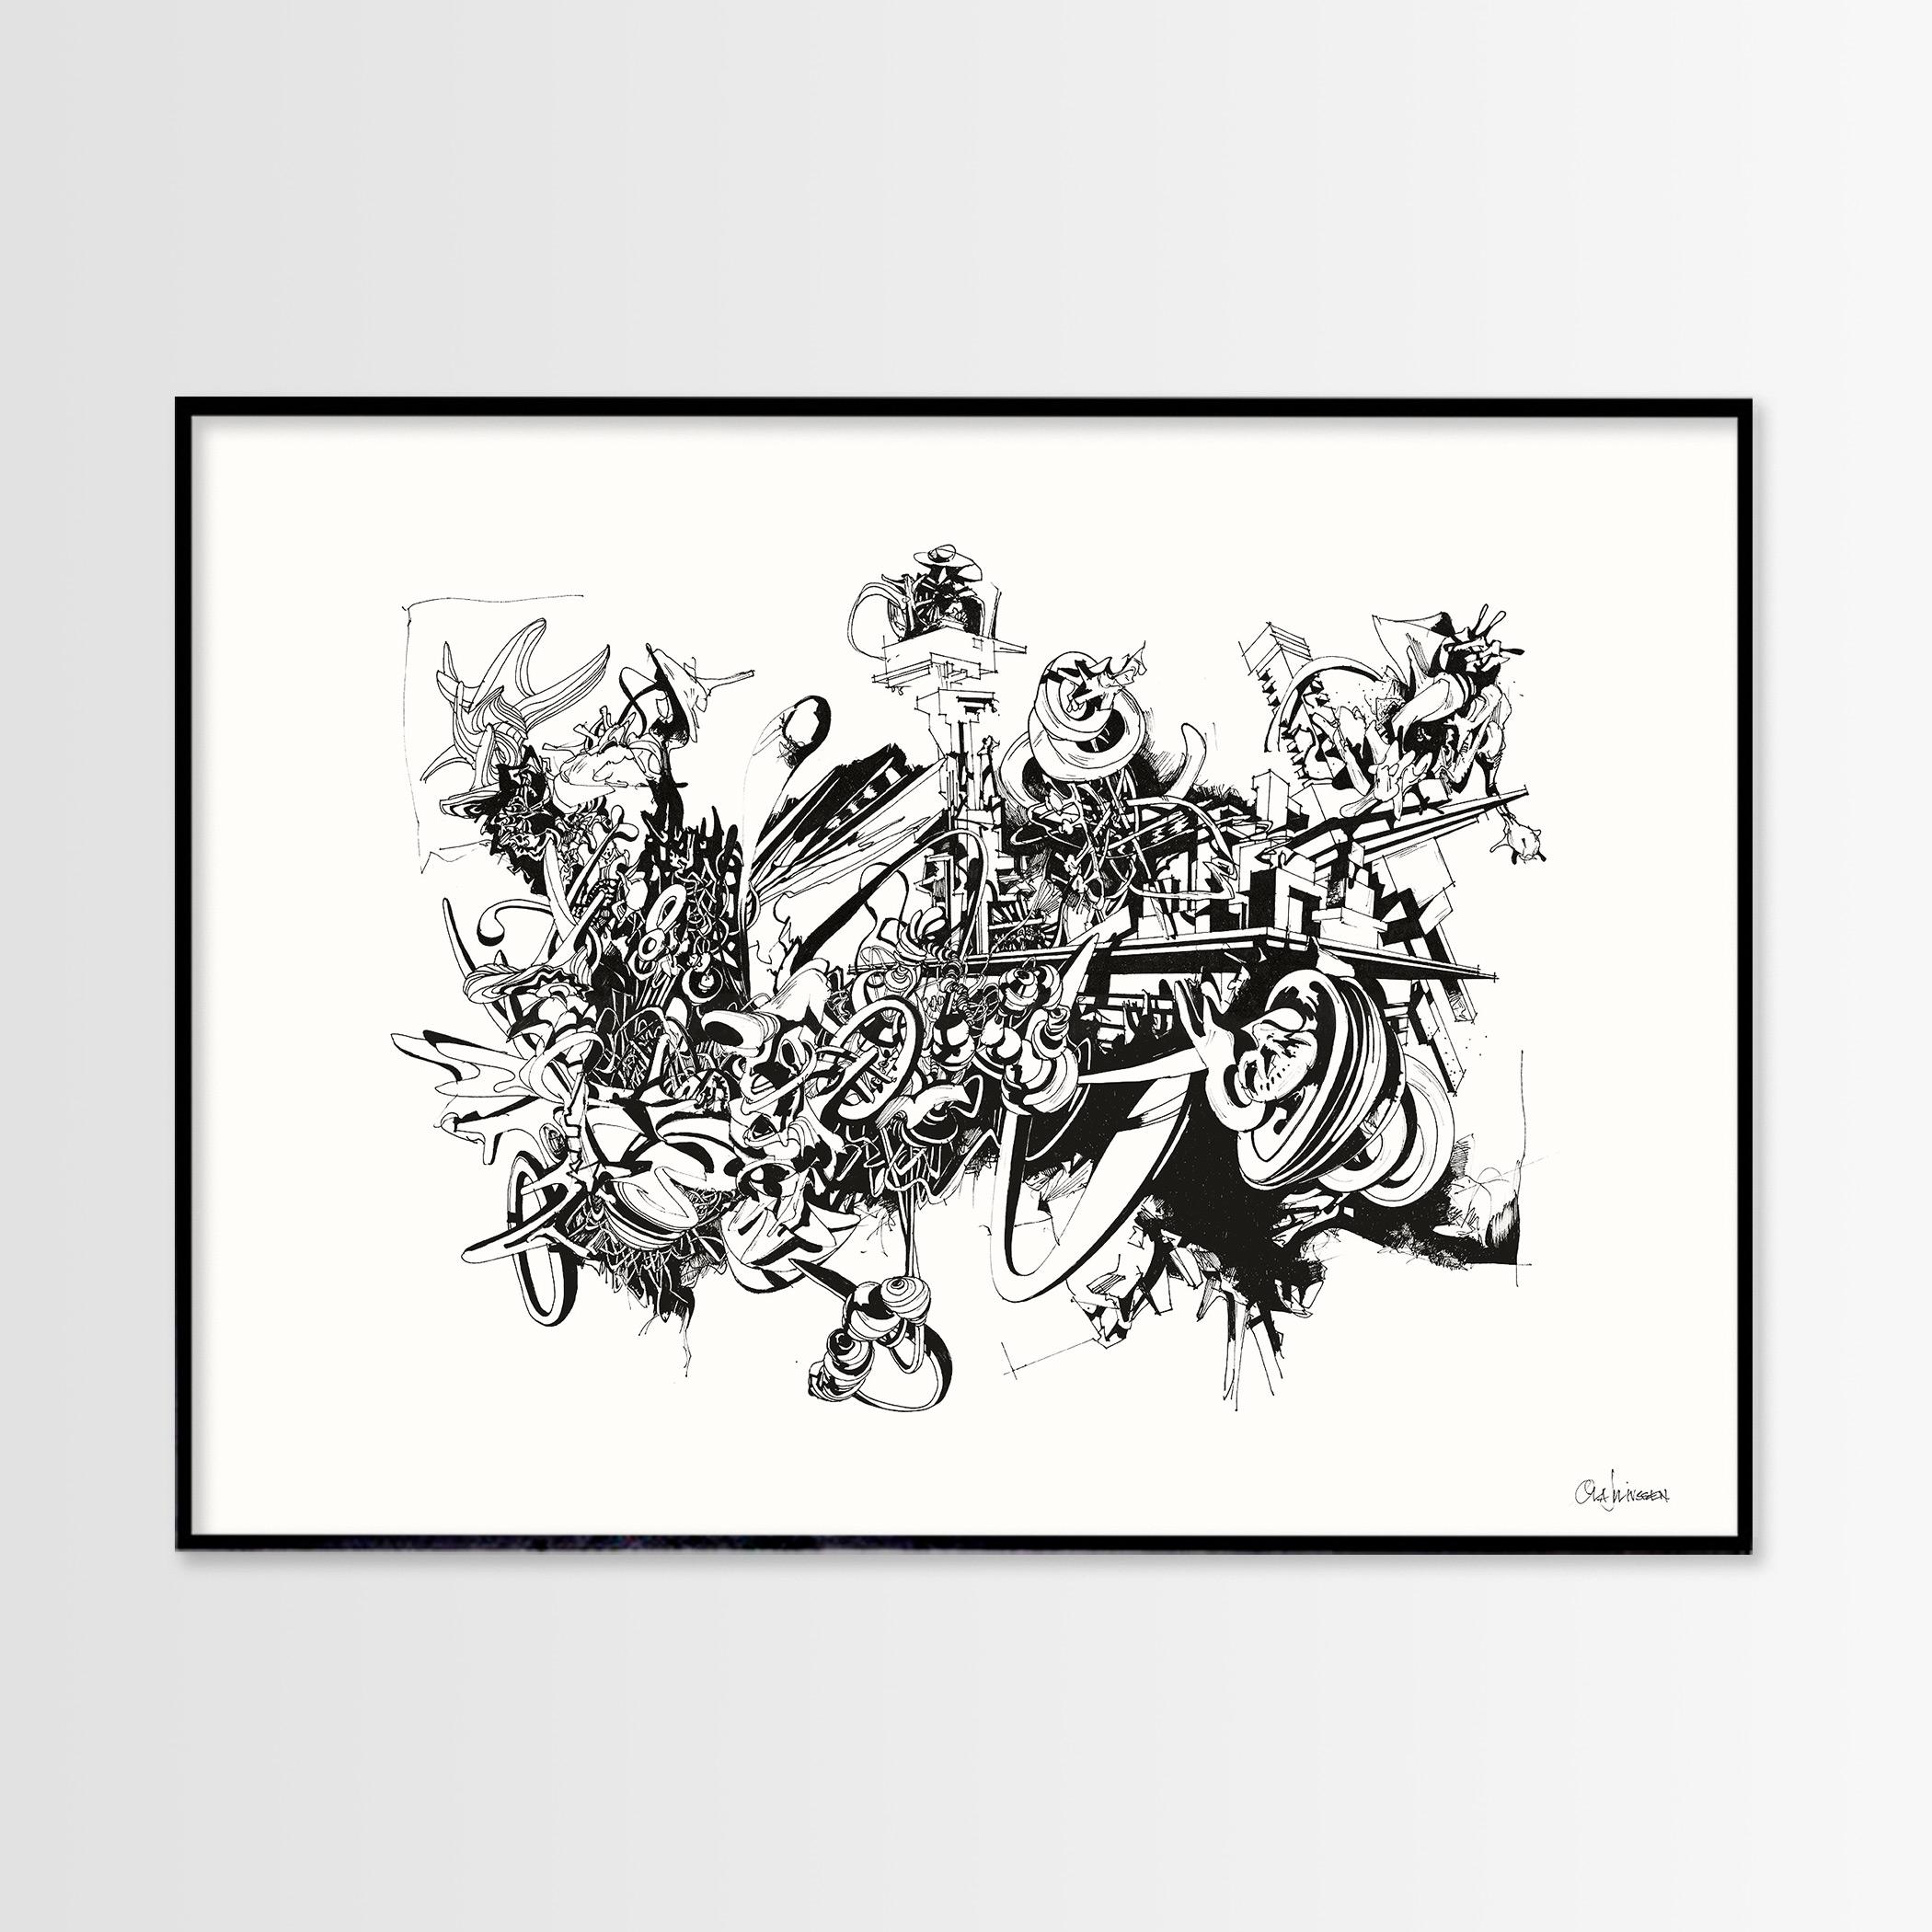 plakater, gicleé, æstetiske, grafiske, monokrome, arkitektur, botanik, natur, mønstre, teknologi, sorte, hvide, blæk, papir, abstrakte-former, arkitektoniske, sort-hvide, bygninger, samtidskunst, dans, design, graffiti, interiør, bolig-indretning, moderne, moderne-kunst, nordisk, planter, skandinavisk, Køb original kunst og kunstplakater. Malerier, tegninger, limited edition kunsttryk & plakater af dygtige kunstnere.